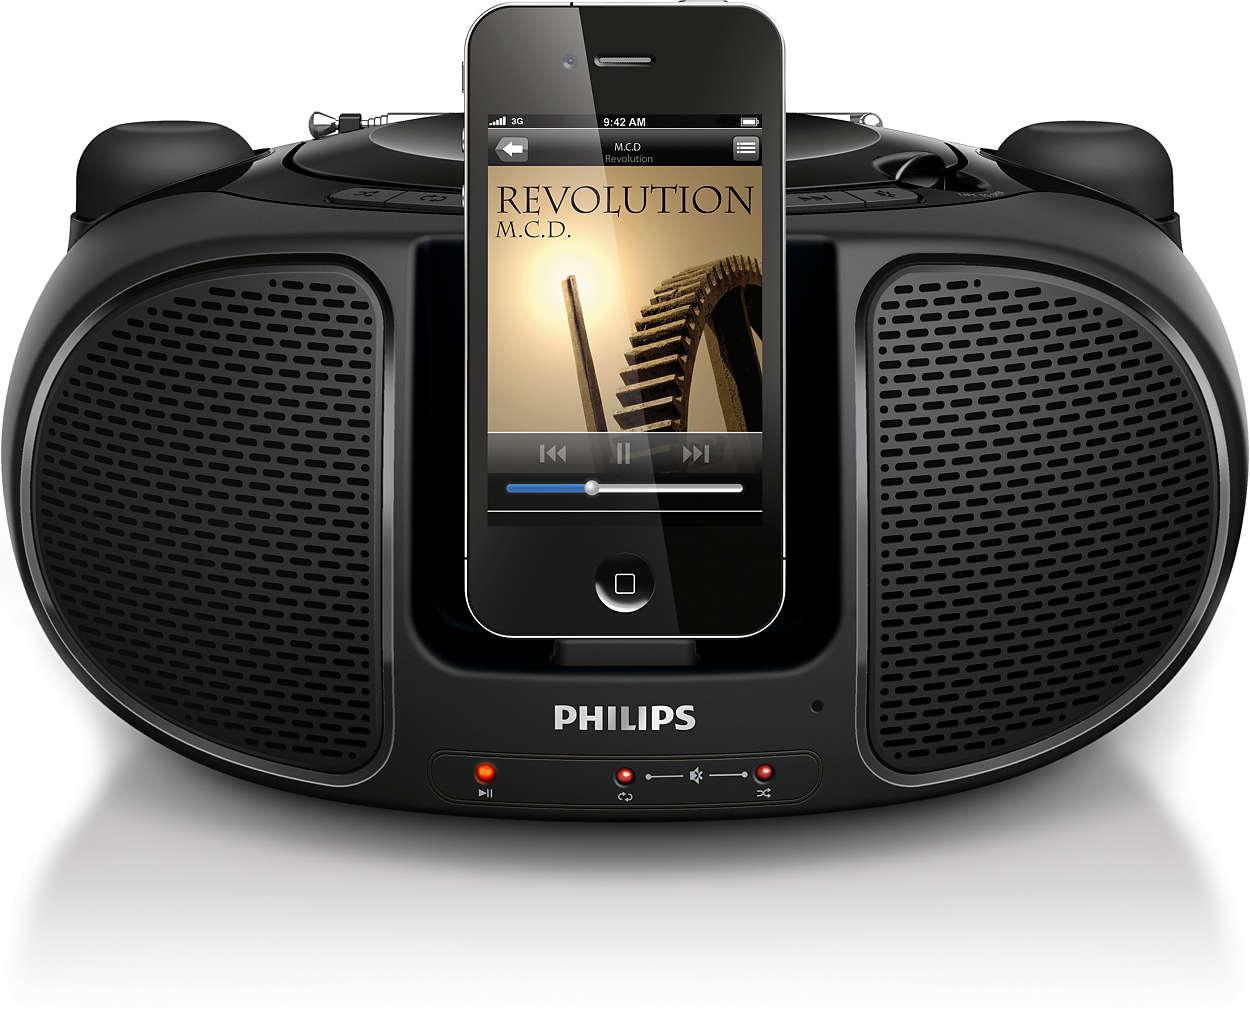 iPod/iPhone ile her yerde kesintisiz müzik keyfi